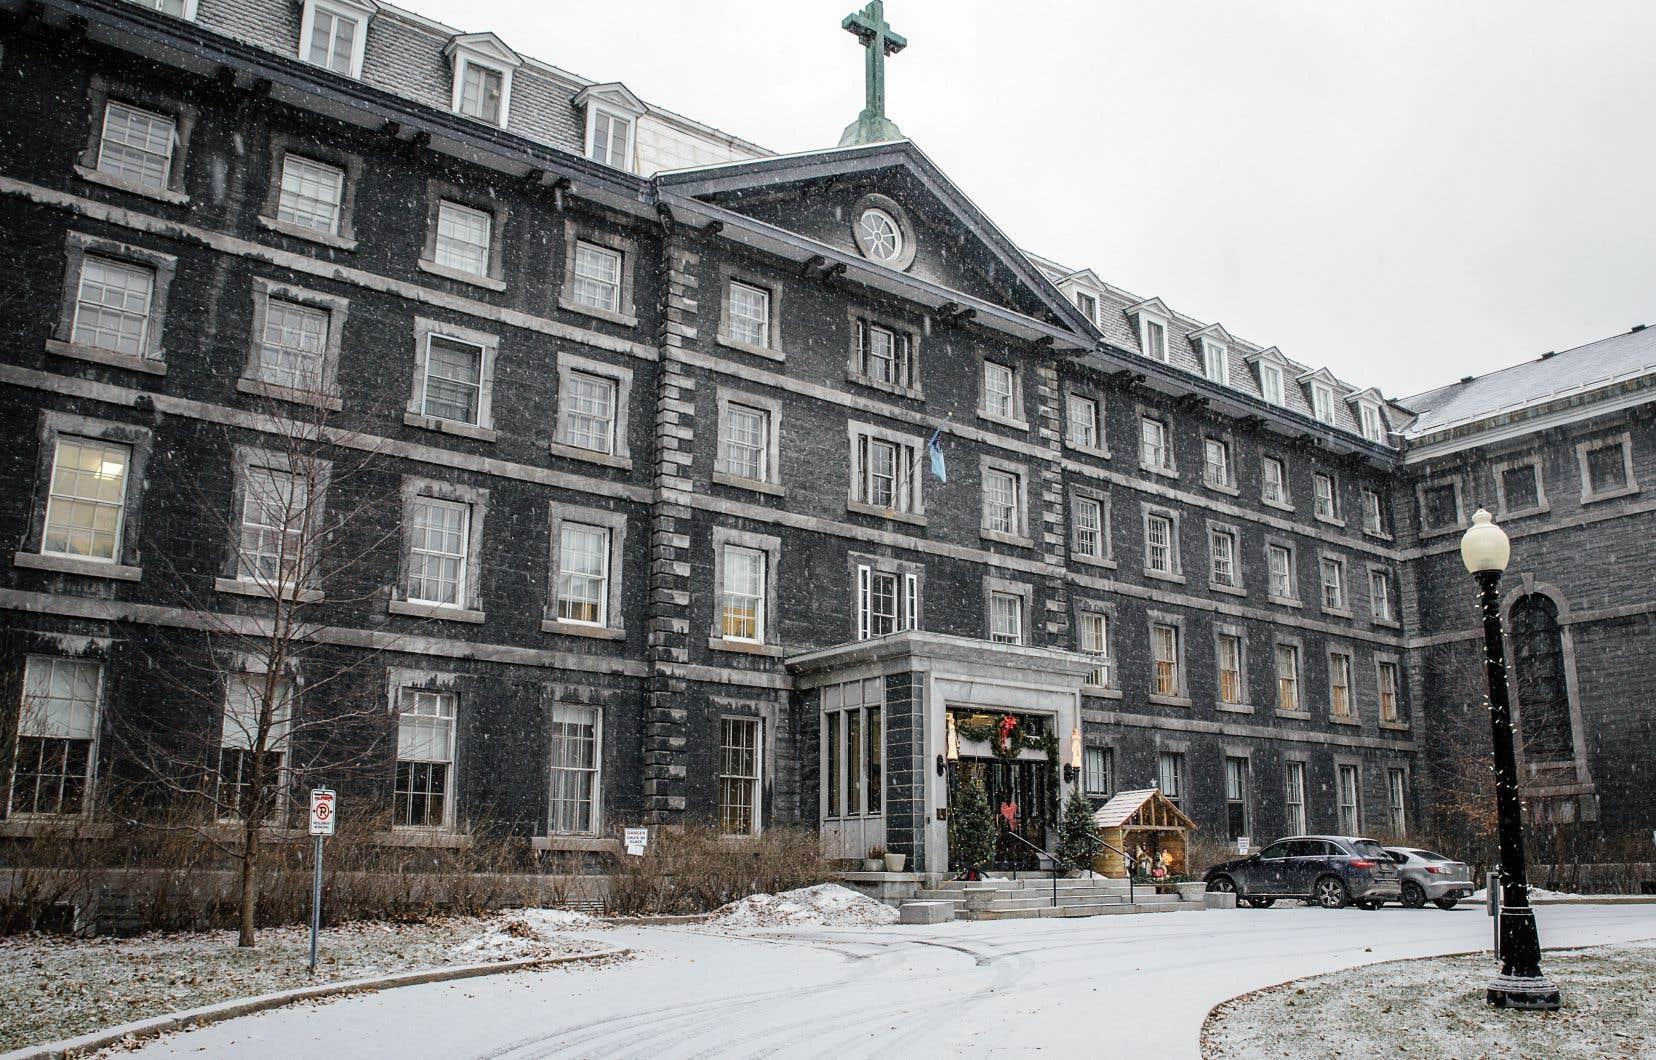 Héritage Montréal accueille favorablement l'idée d'aménager une nouvelle école primaire au centre-ville sur le site du Grand Séminaire.